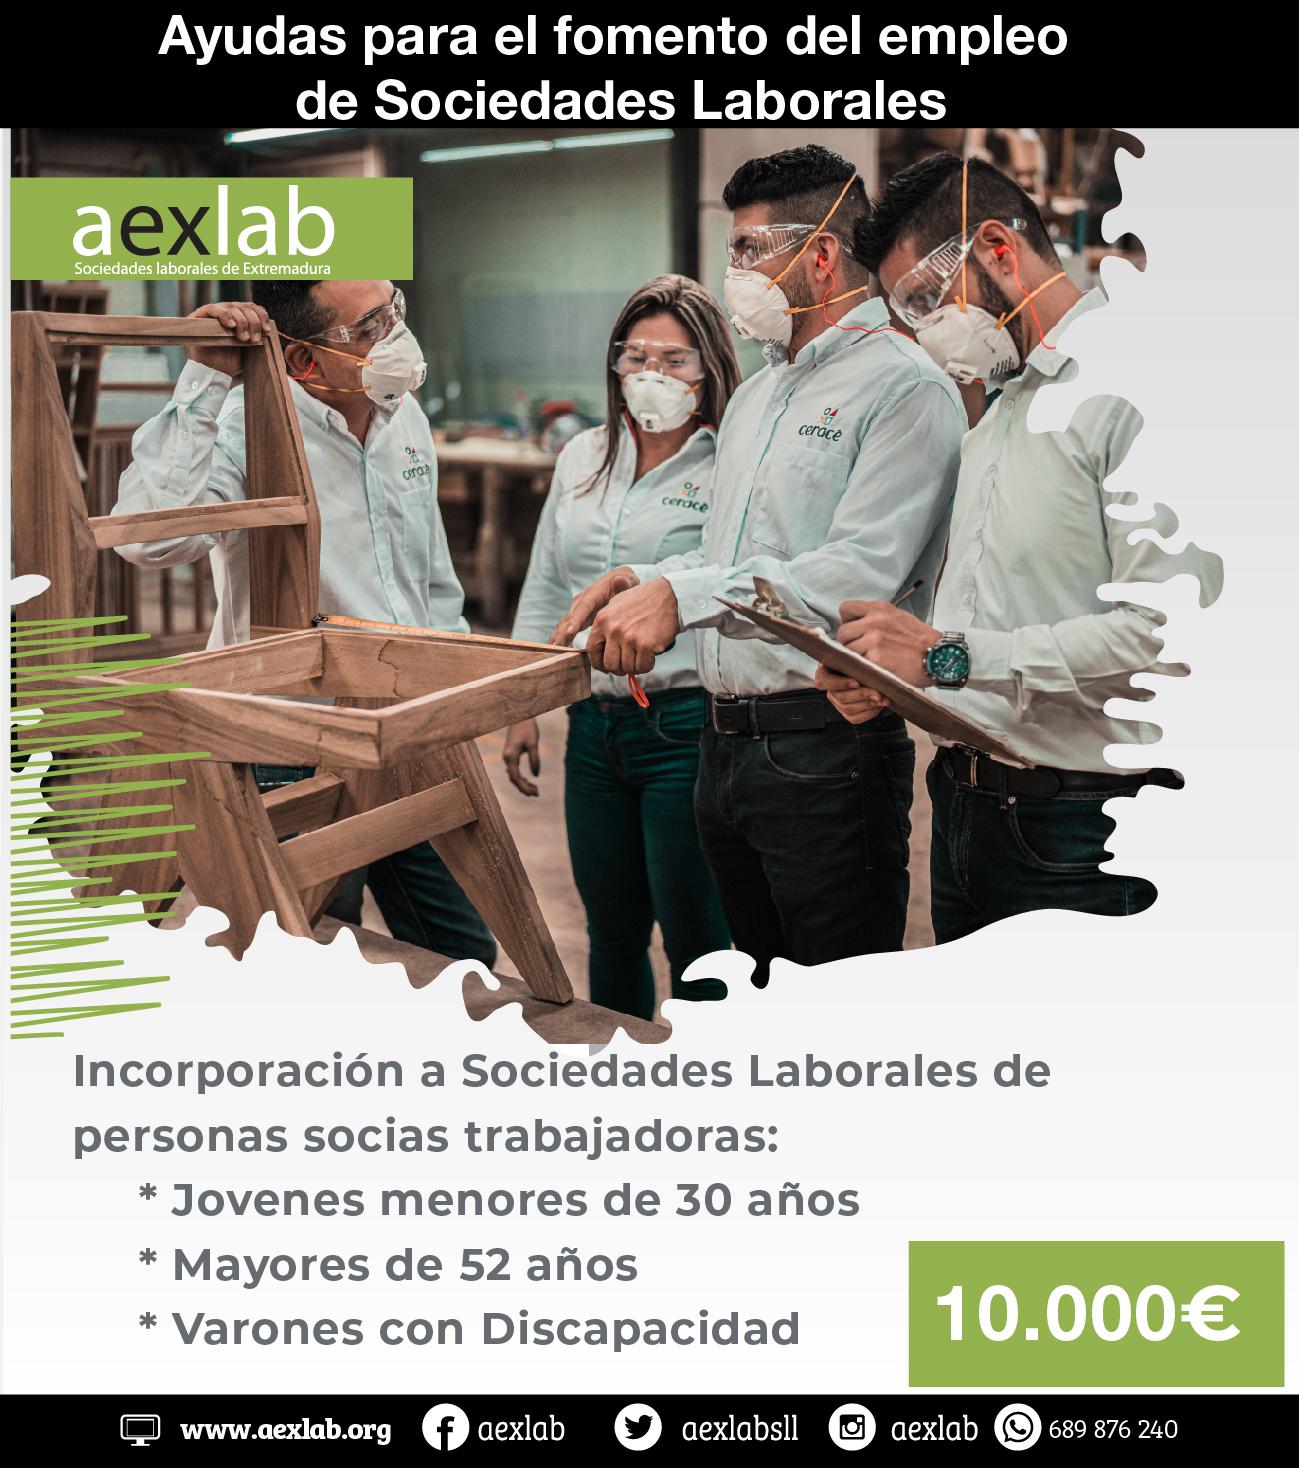 ayudas y subvenciones sociedades laborales aexlab 2021 casos-06